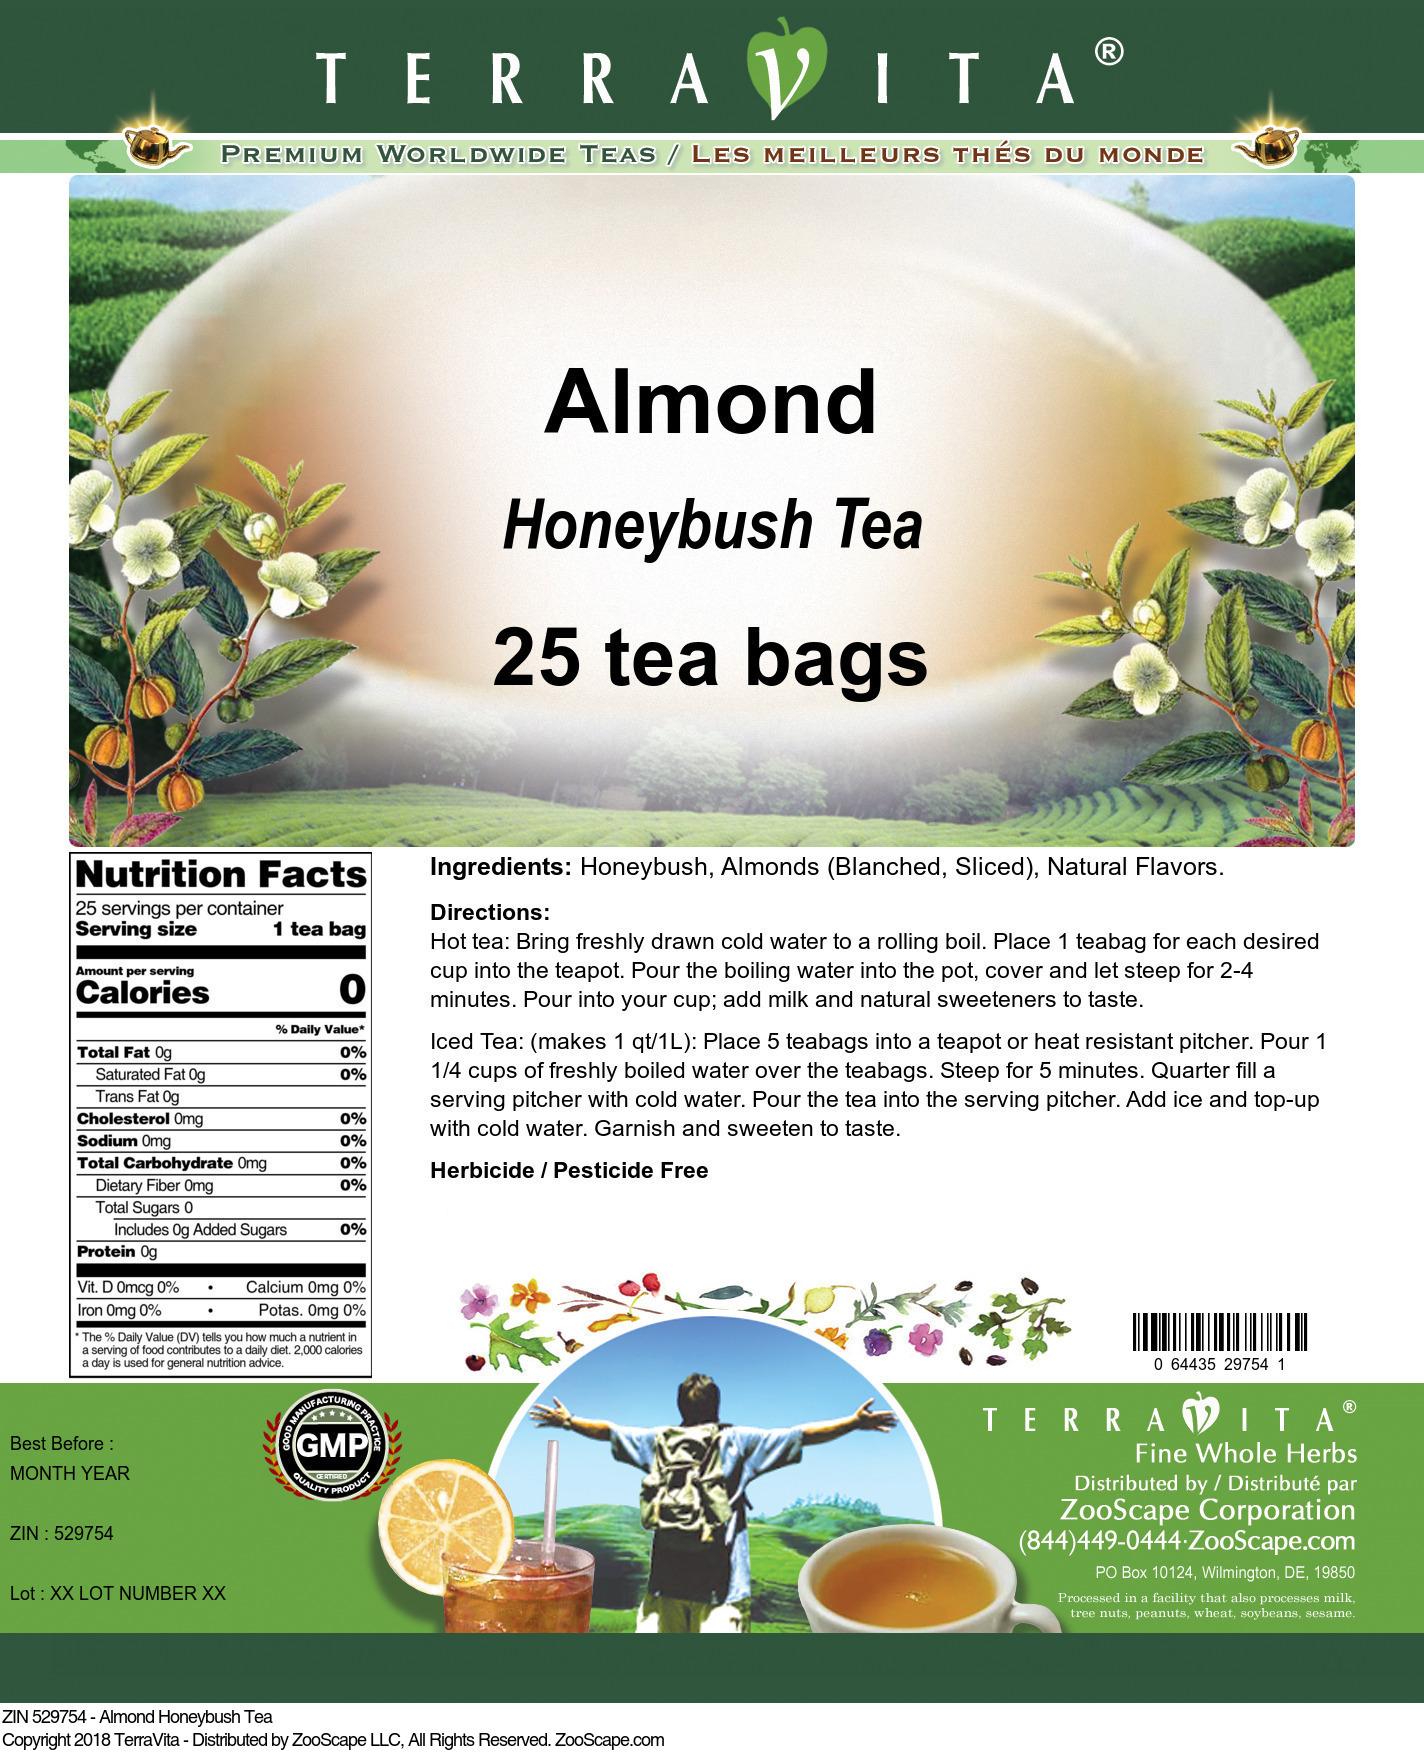 Almond Honeybush Tea